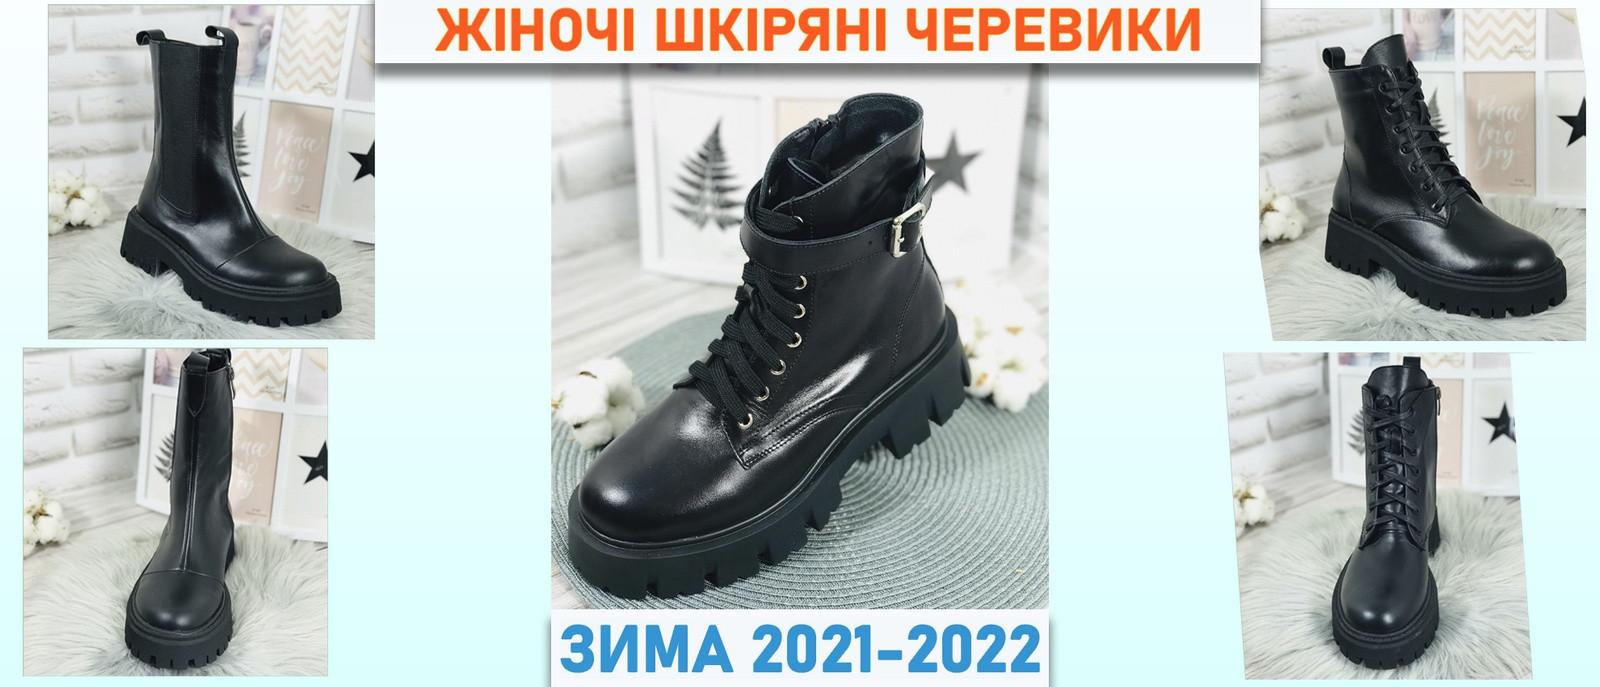 Шкіряні Жіночі Черевики Оптом - Новинки Зима-2022 - Вигідна Ціна на Взуття Оптом Paradize